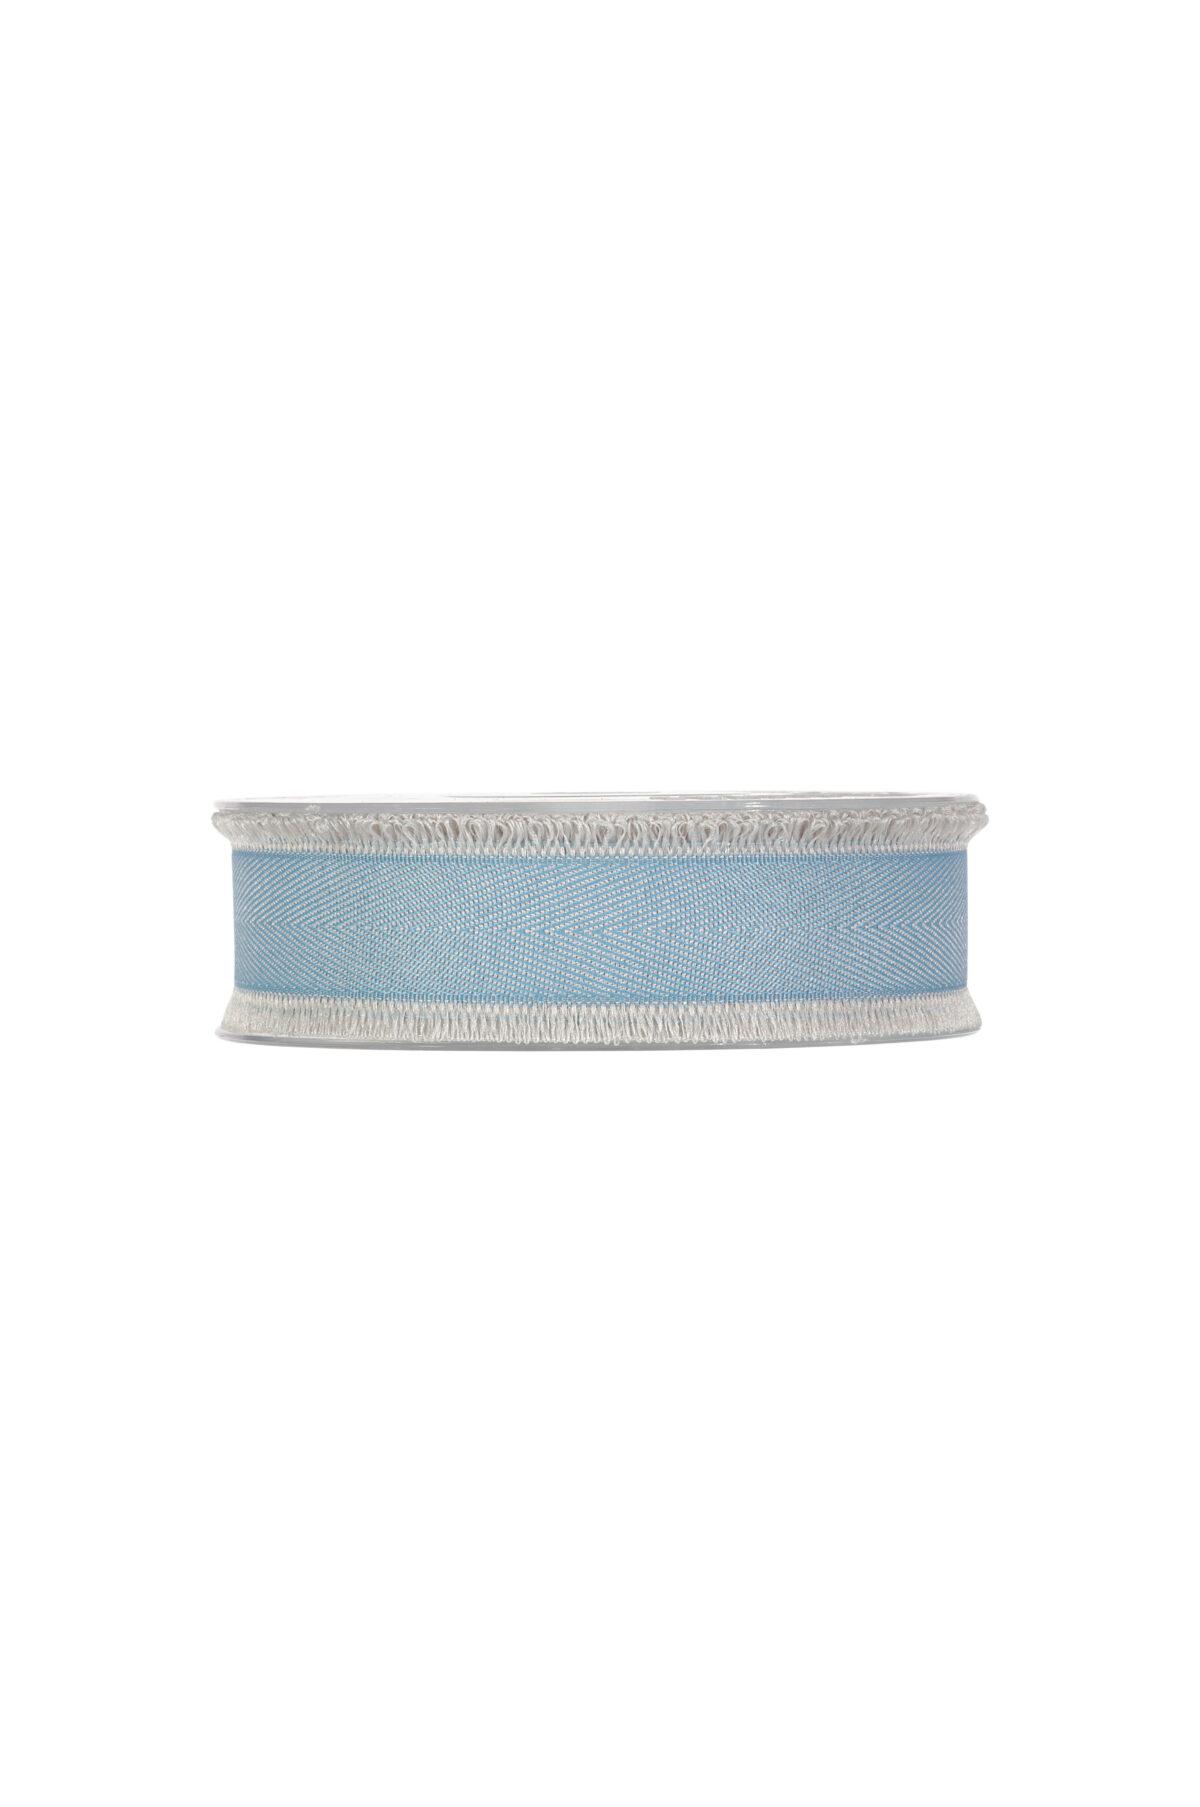 Nastro con frange blu chiaro 25 mm x 15 mt